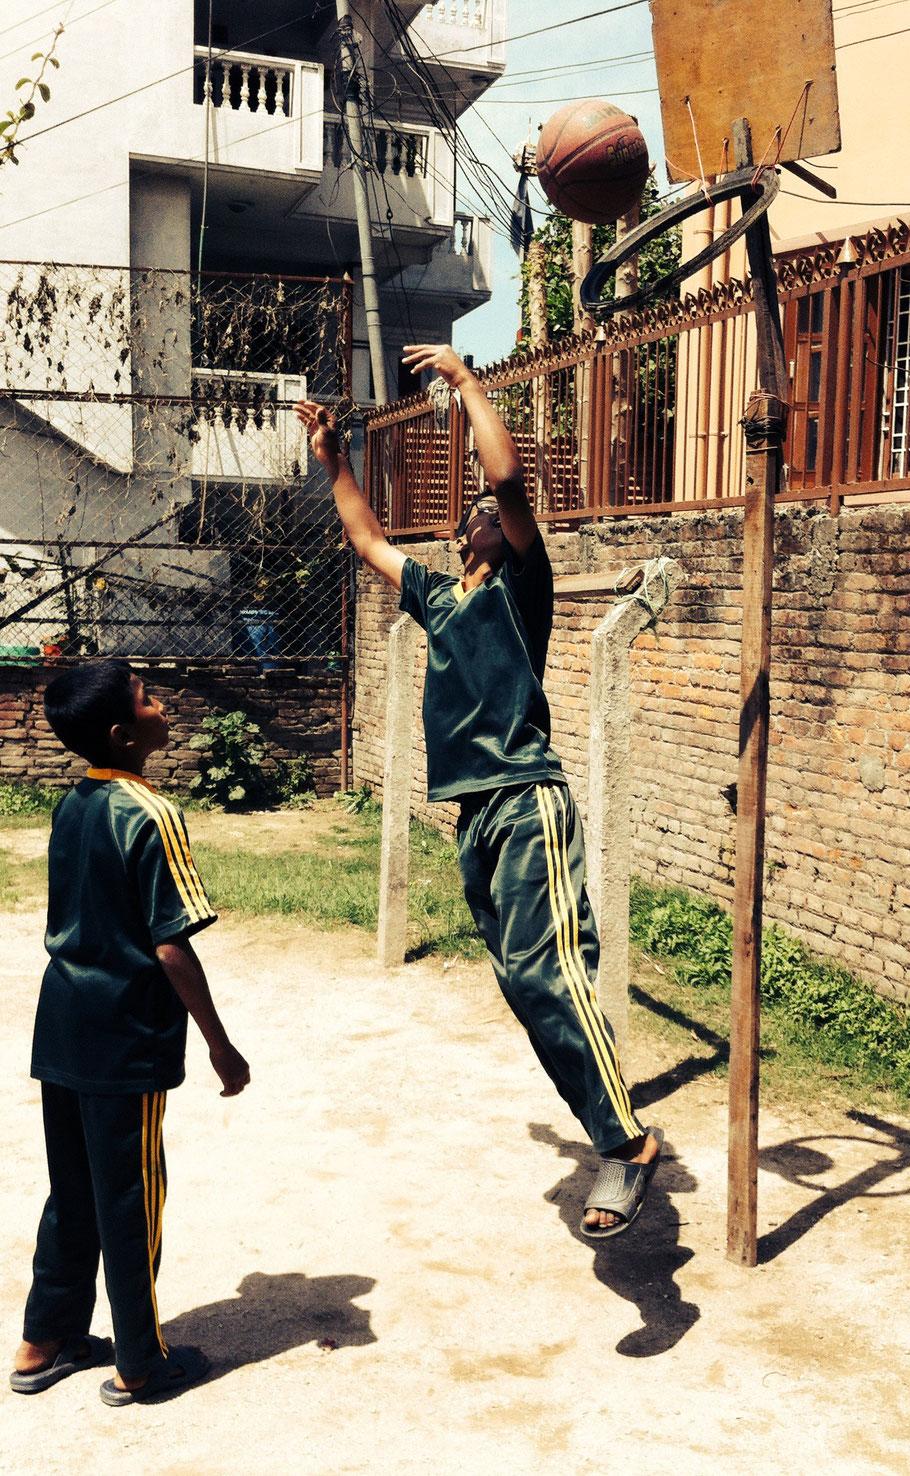 Der Basketballkorb wird selbstverständlich in keiner Weise vernachlässigt. Navaraj und Sujan im Einsatz.